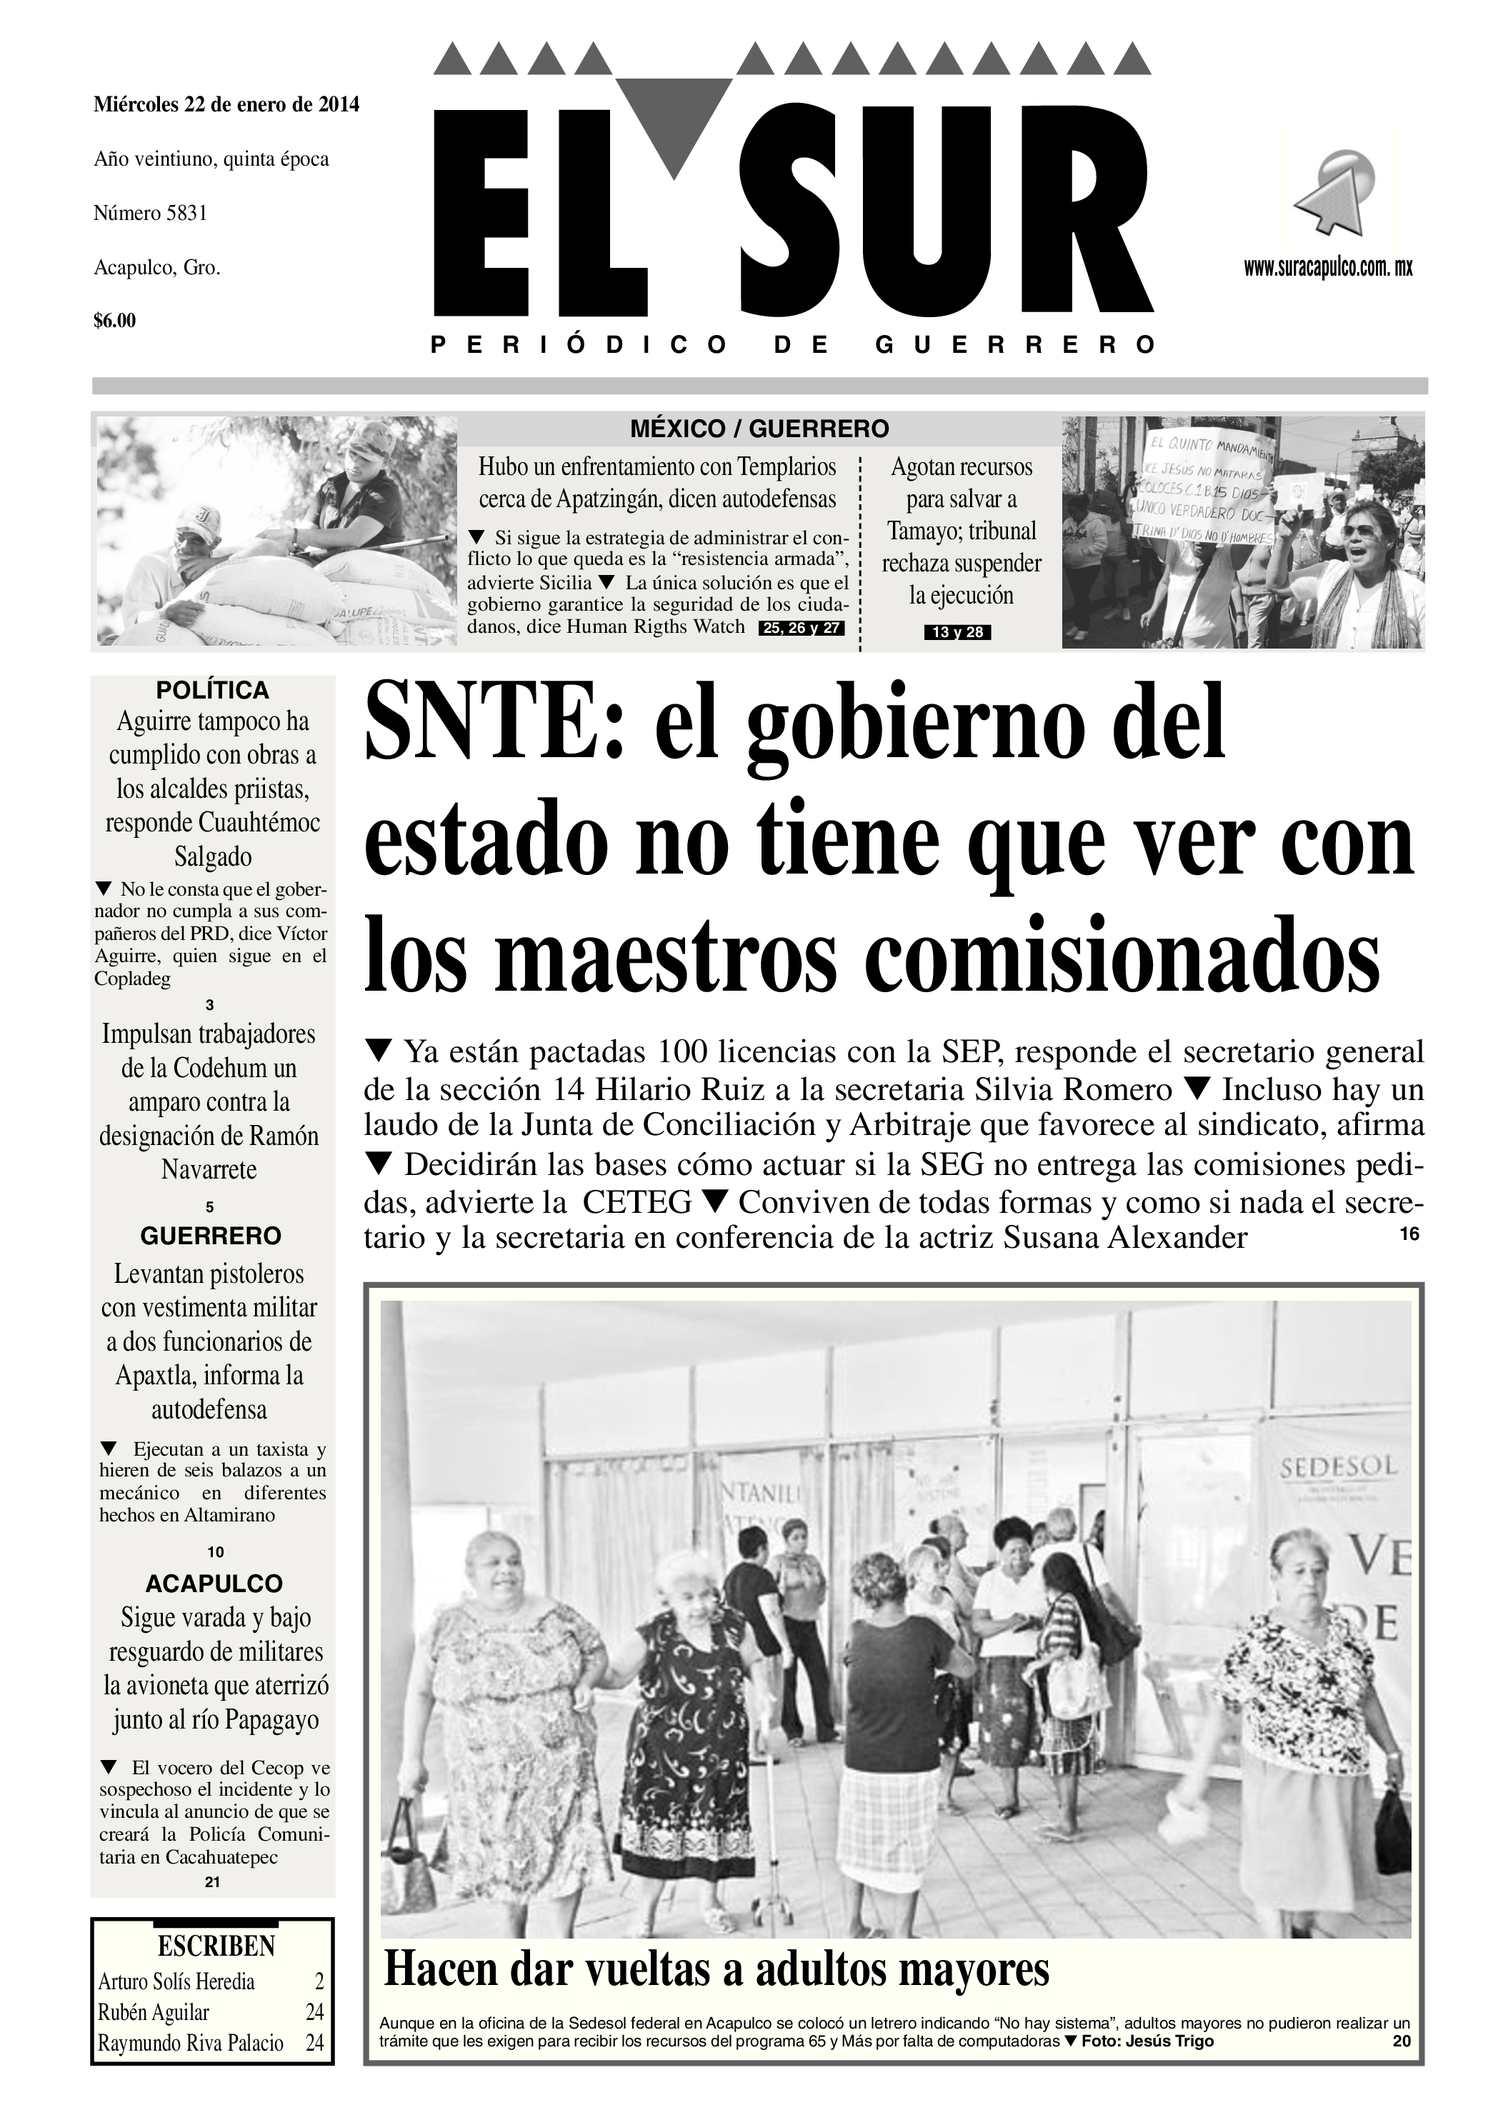 Calaméo - El Sur Miercoles 22012014.pdf 40f4b1f2f7a